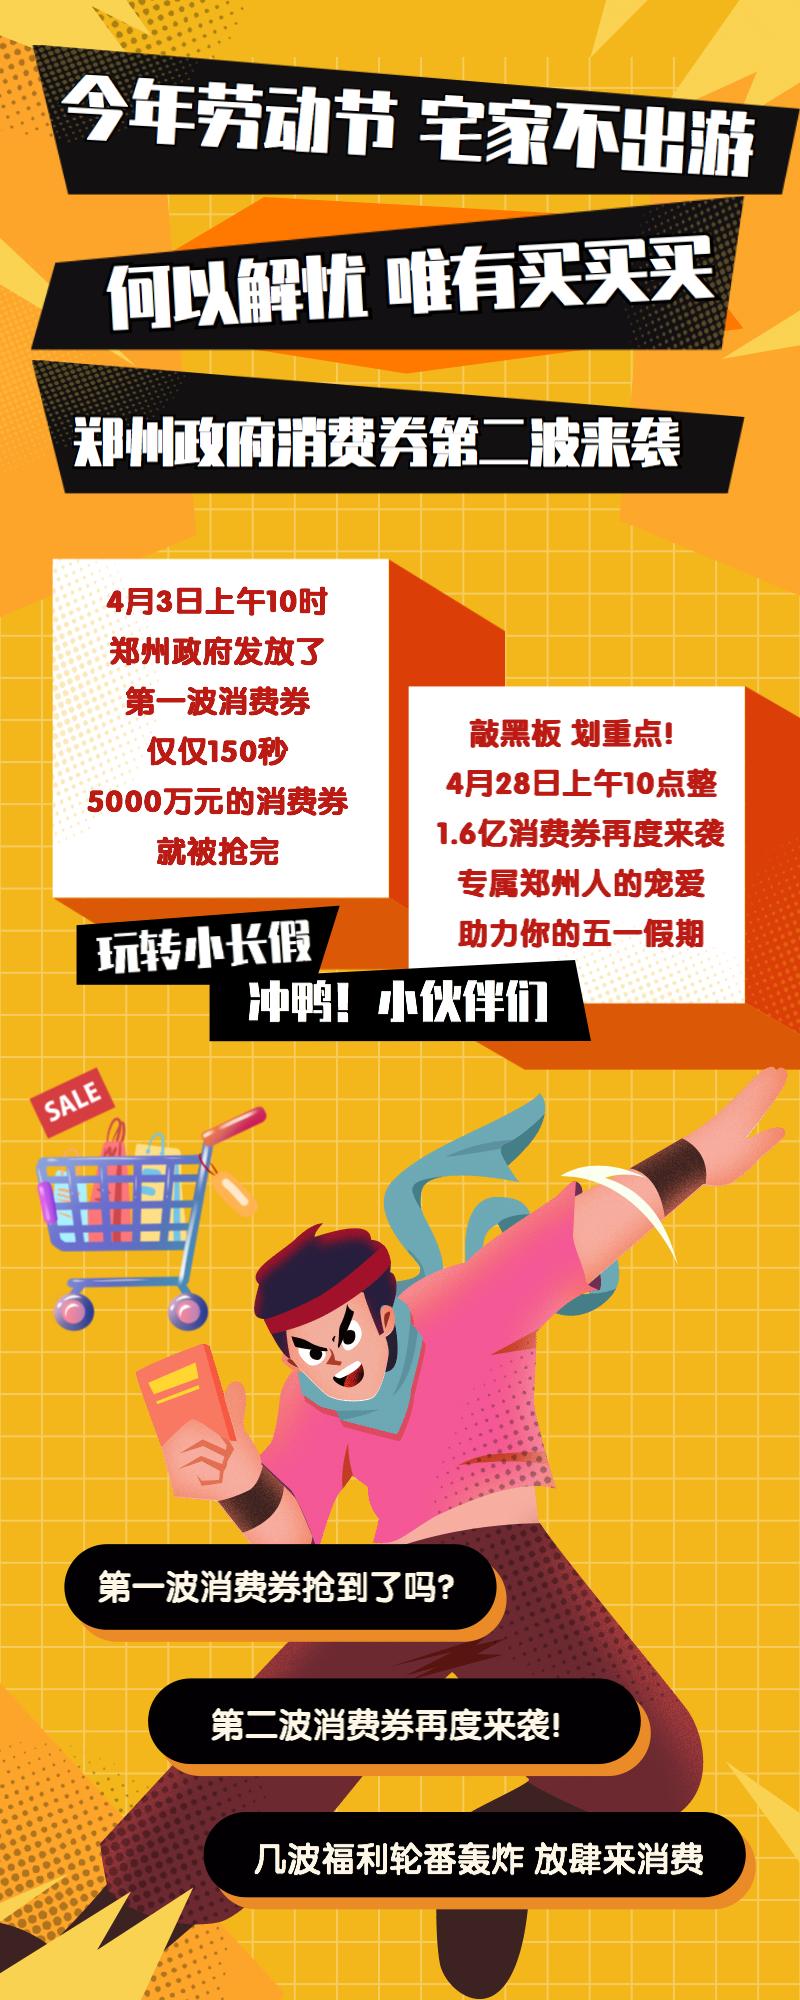 郑州1.6亿消费券再度来袭!上支付宝抢消费券开启你的五一小长假~